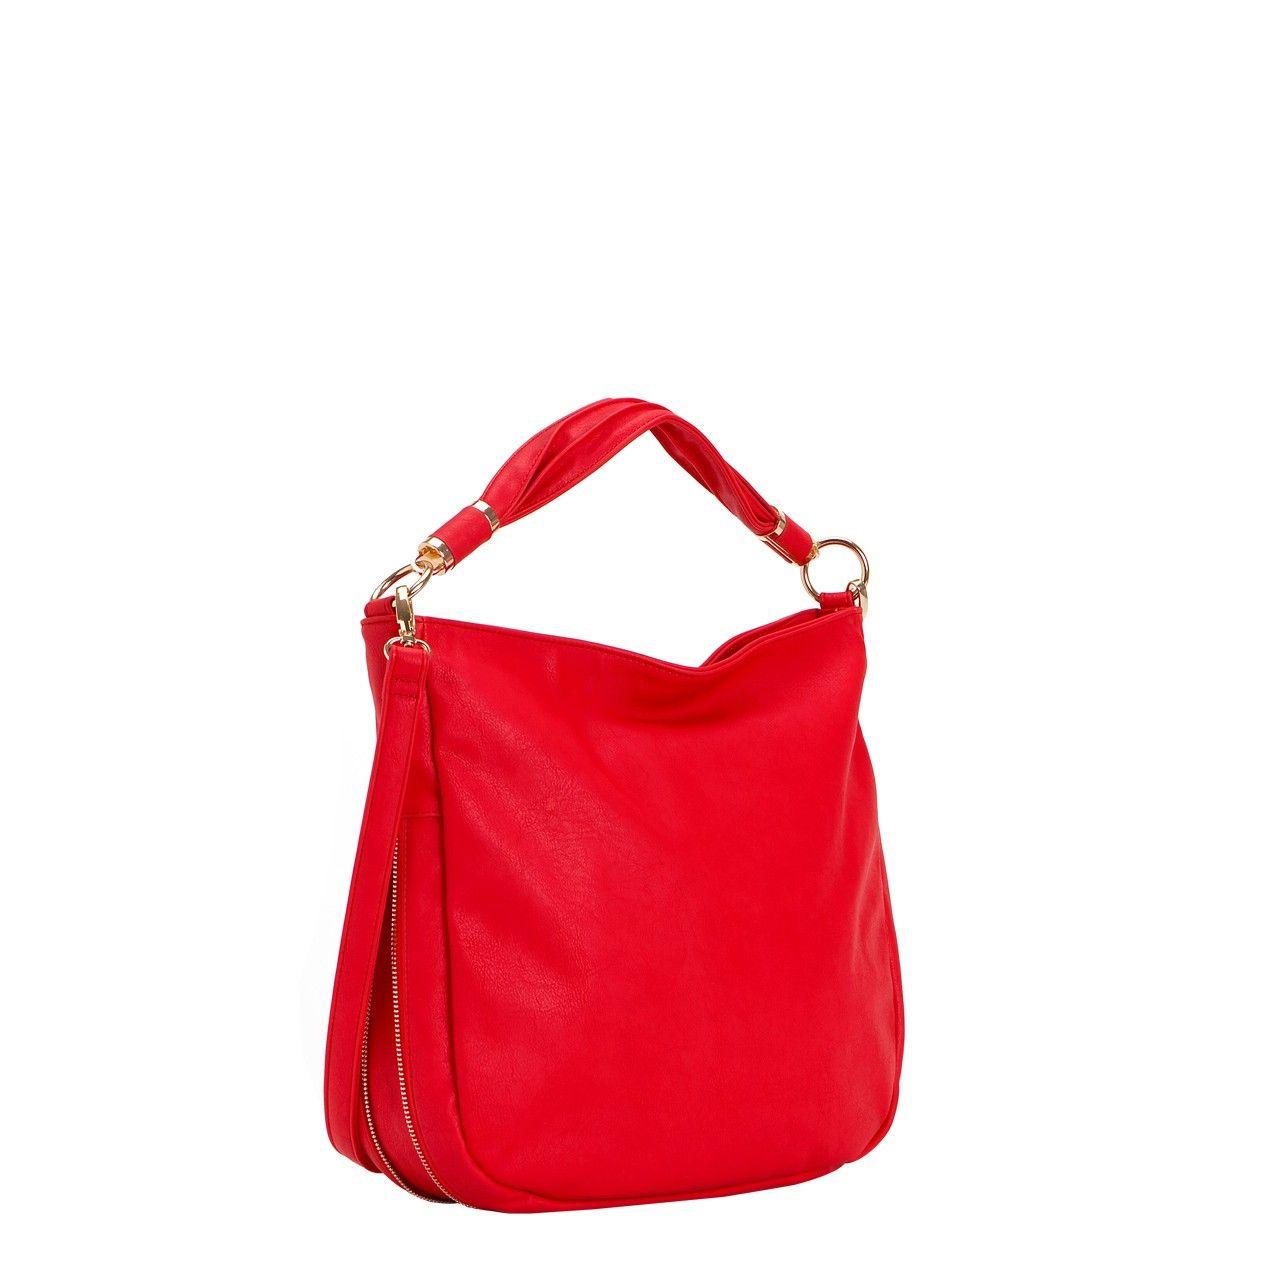 Miriam Hodo Bag for a romantic day! #carpisa #bag #red #valentinesday